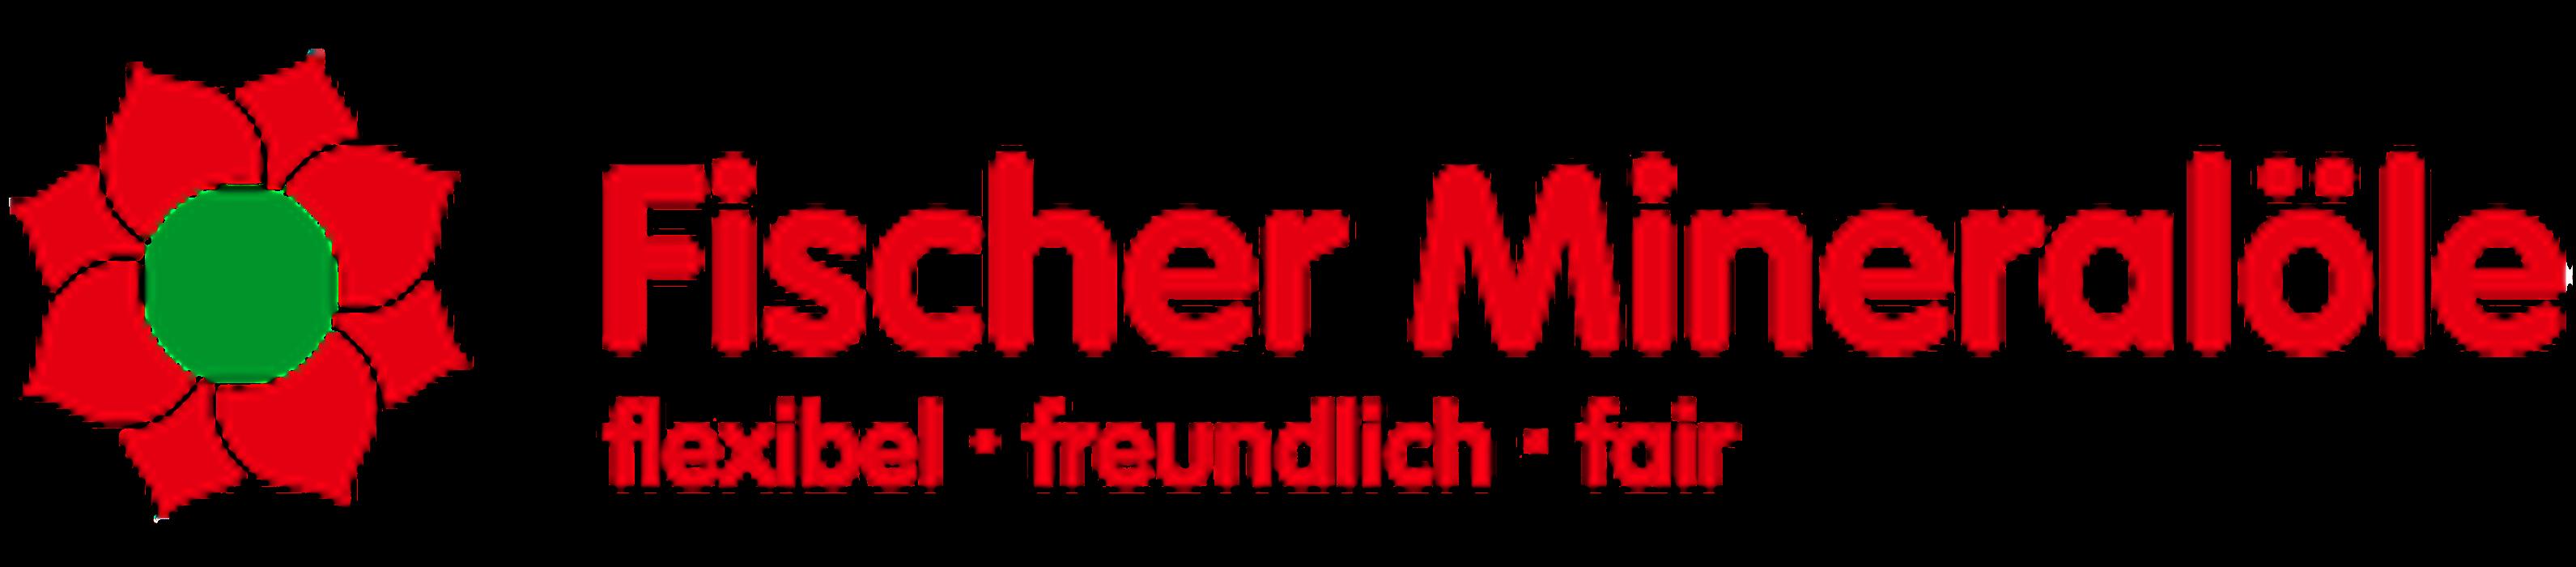 Bild zu Paul Fischer GmbH Mineralöle - Transporte in Untermarchtal